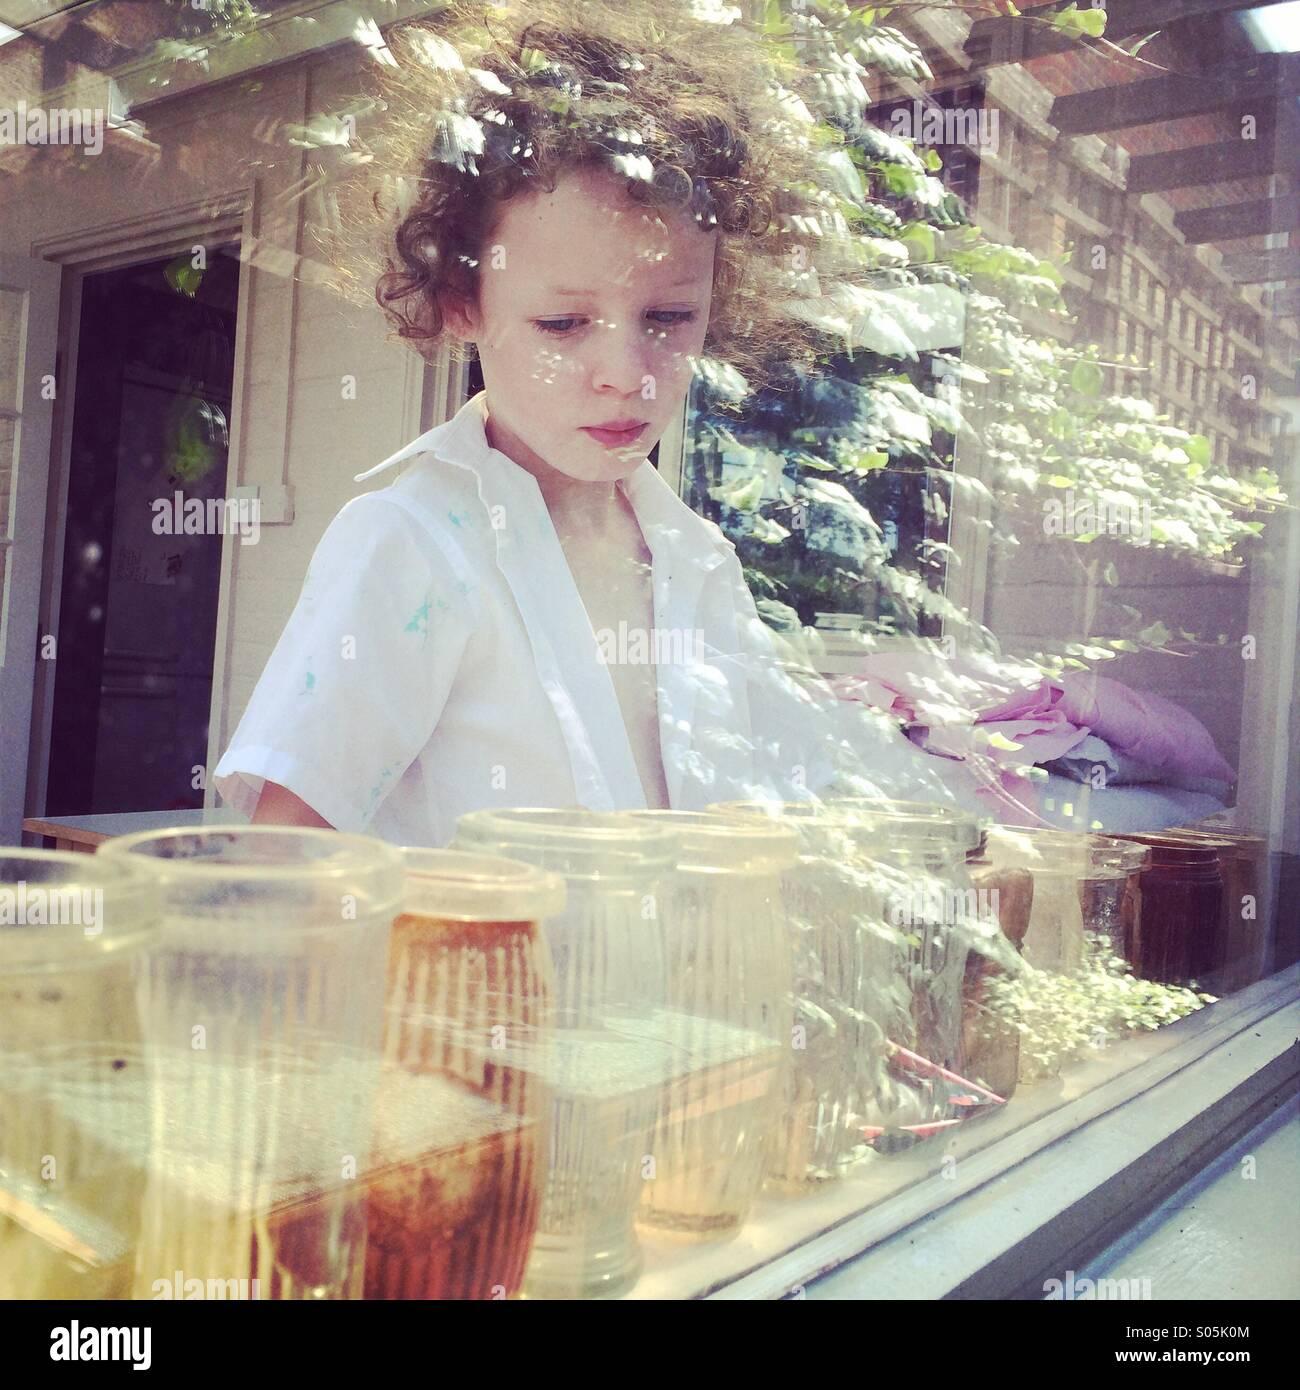 Nachdenklich Mädchen hinter Fenster mit Reflexionen Stockbild